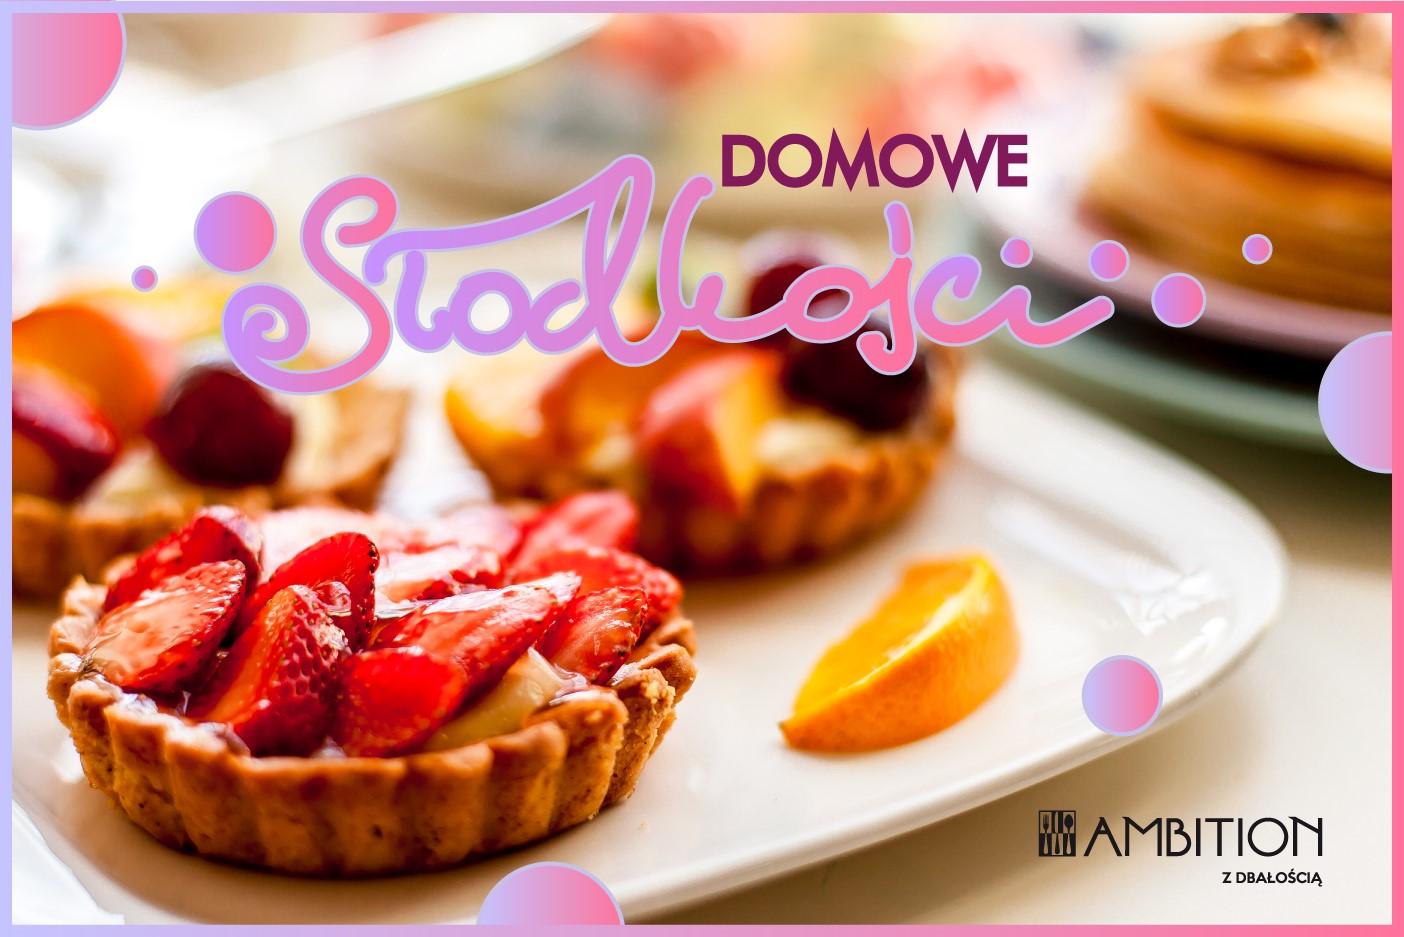 Domowe słodkości